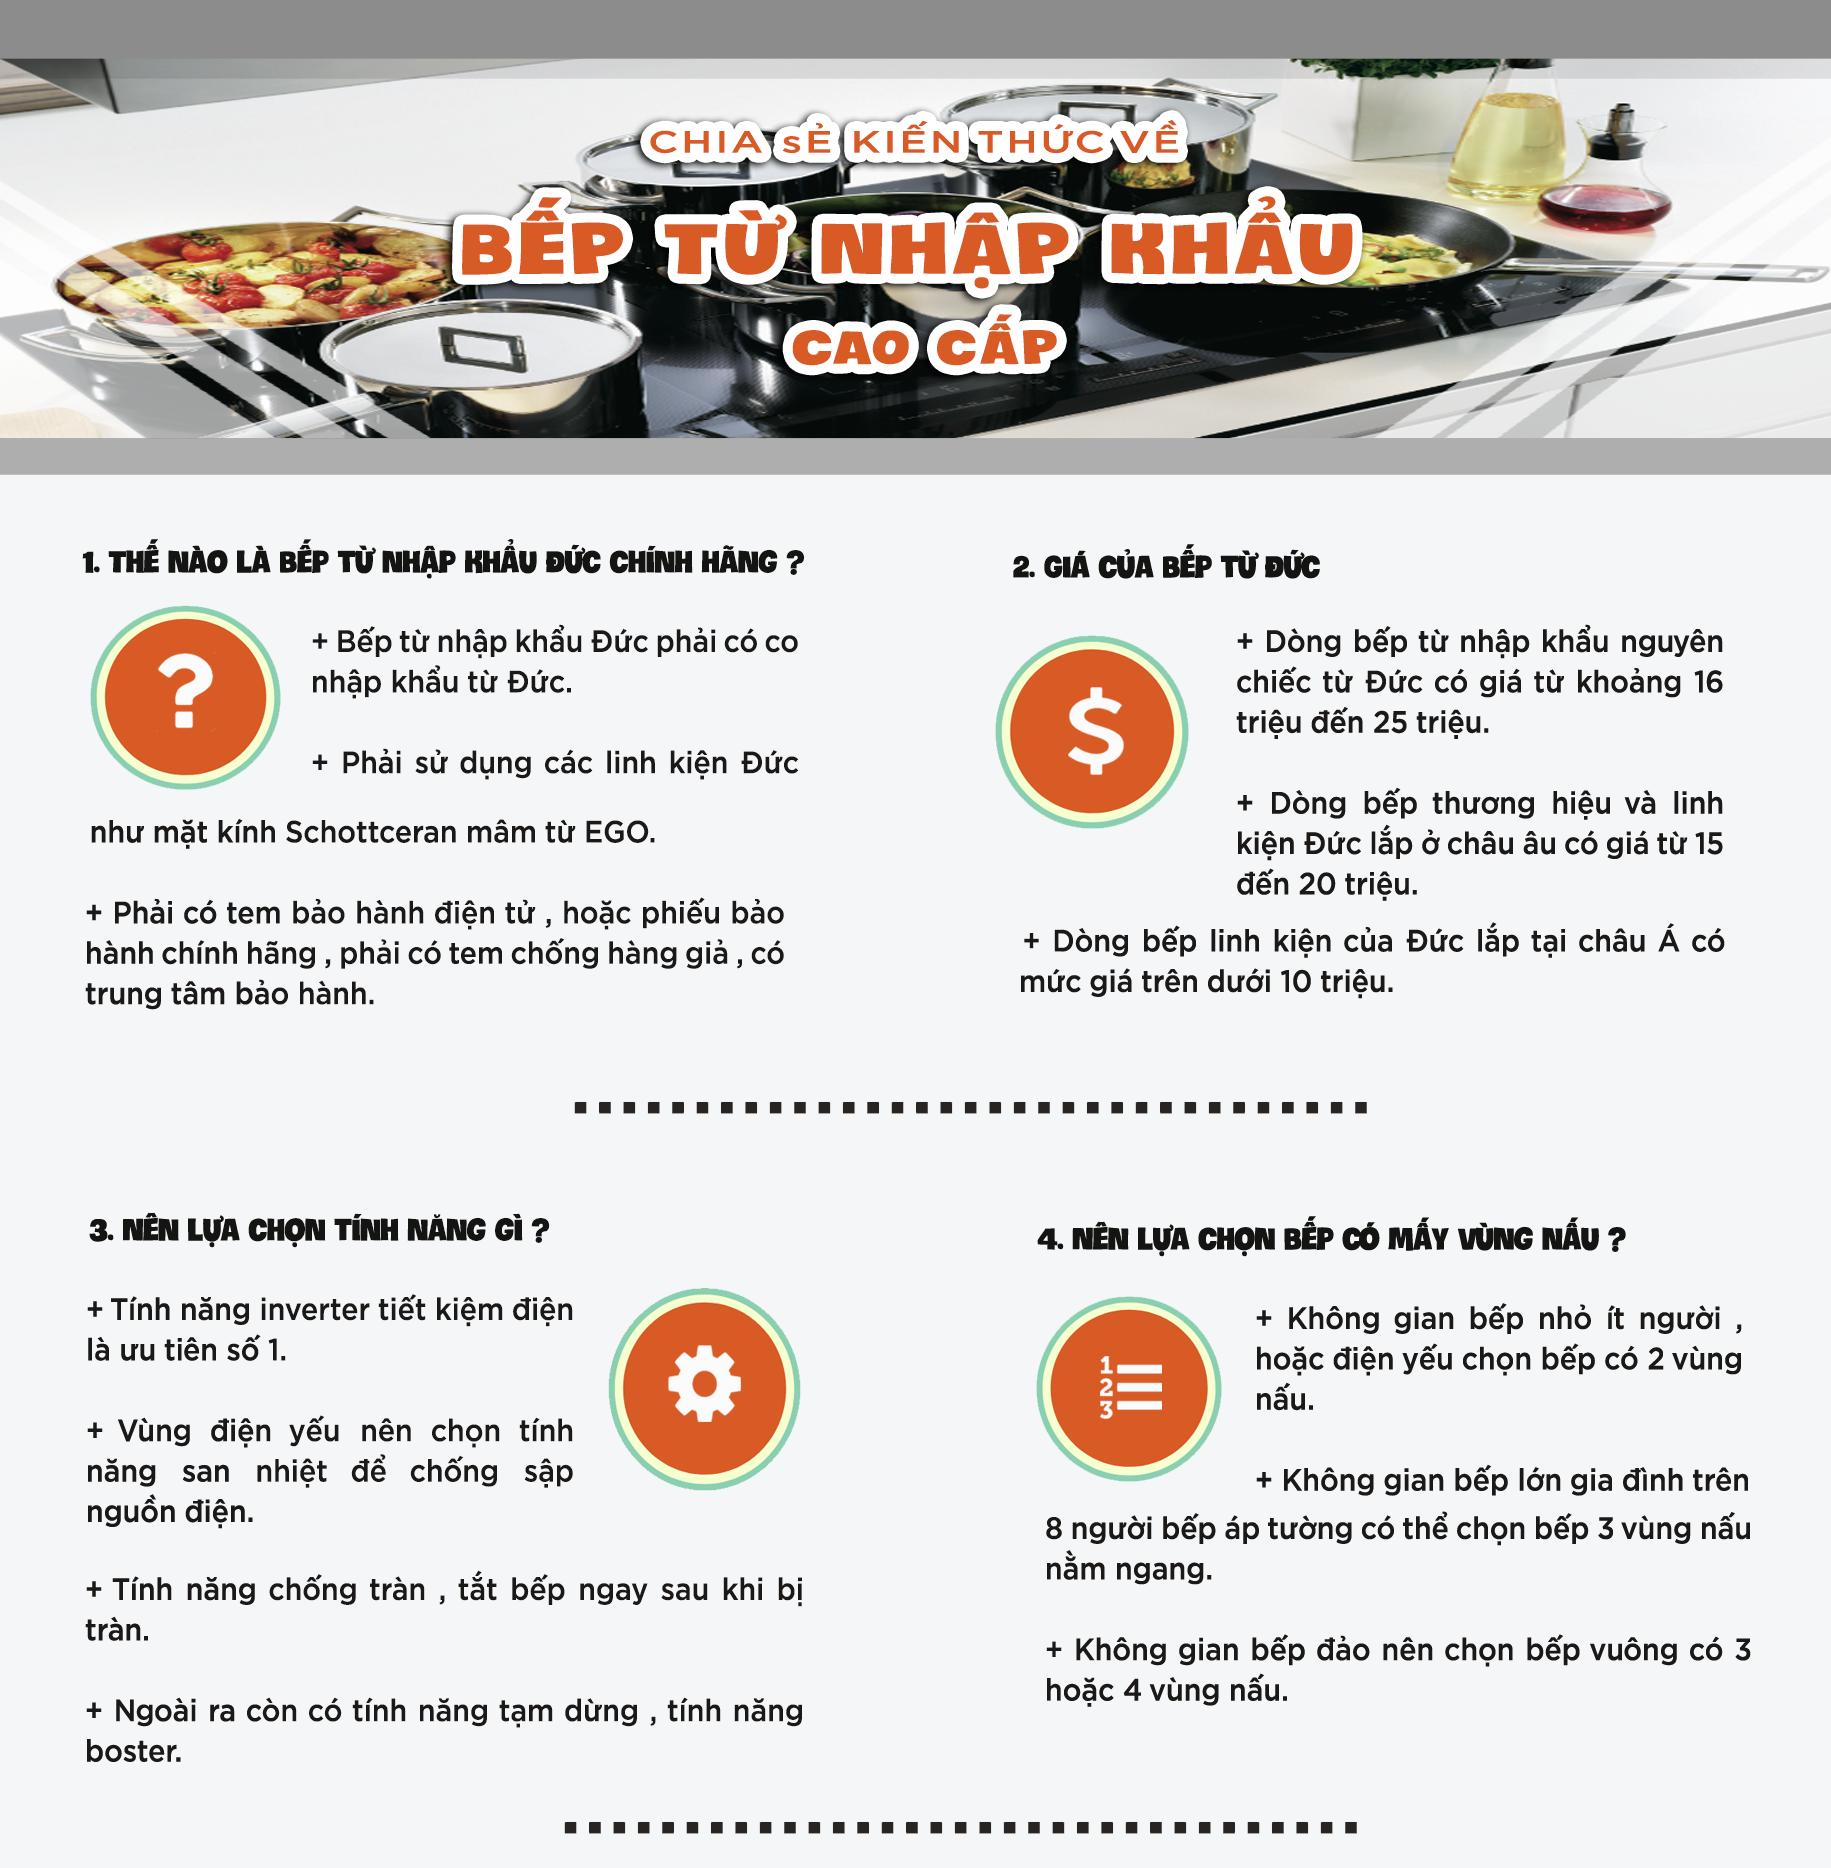 Chia sẻ kiến thức về bếp từ nhập khẩu cao cấp